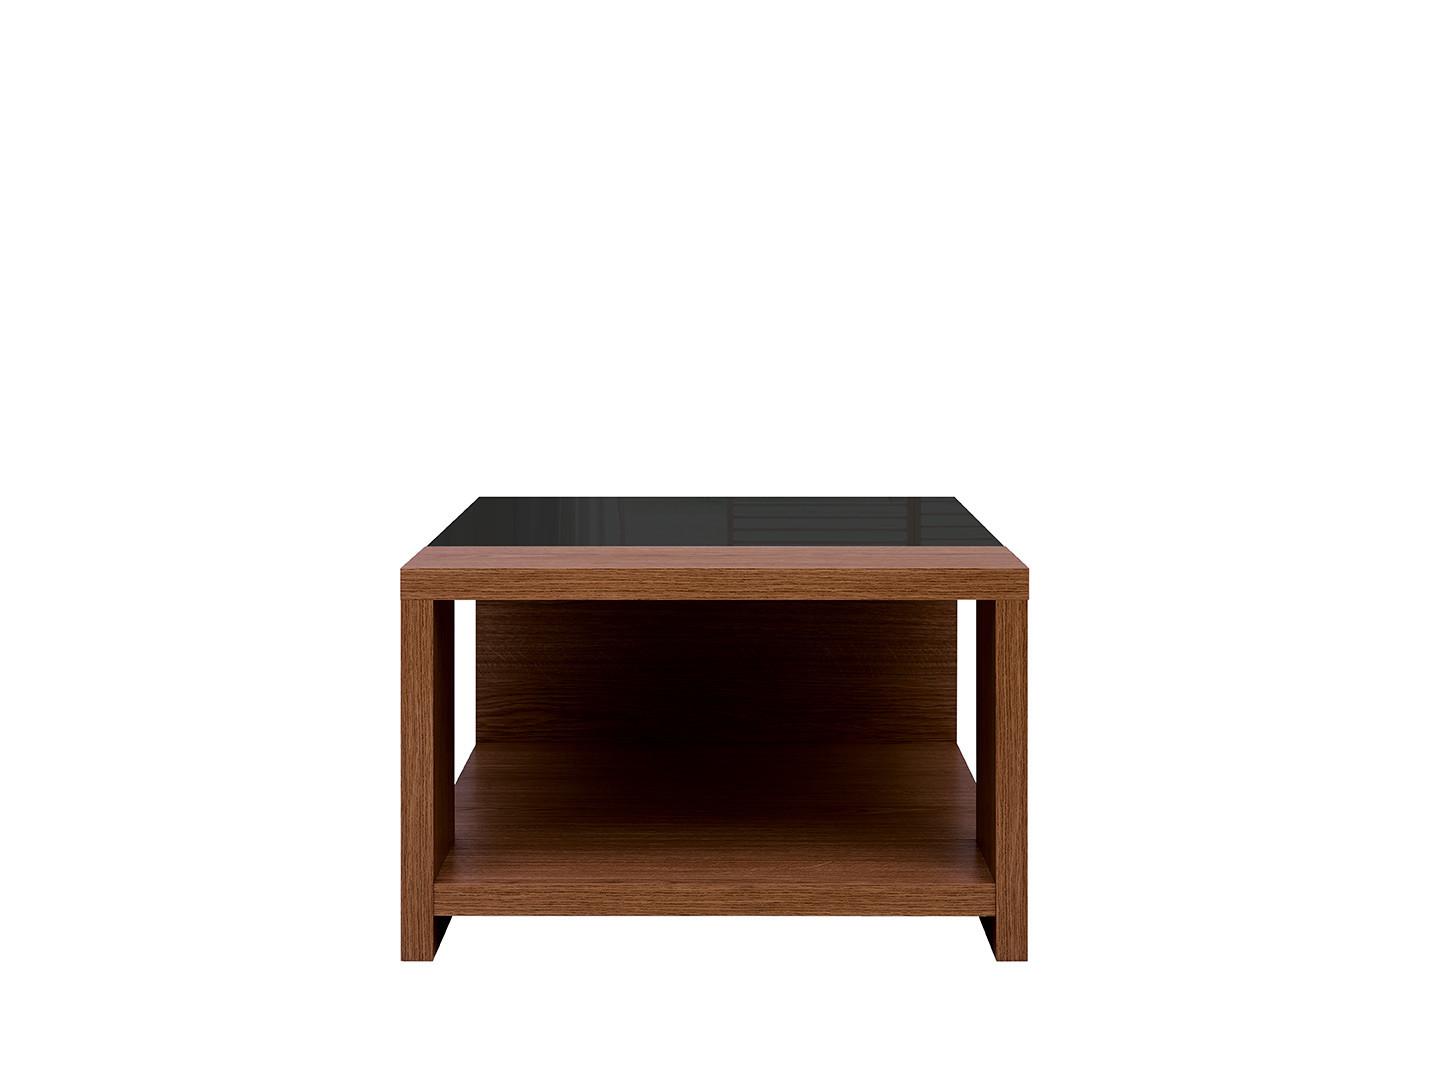 Konferenčný stolík AROSA LAW/70 dub hnedý / čierny lesk